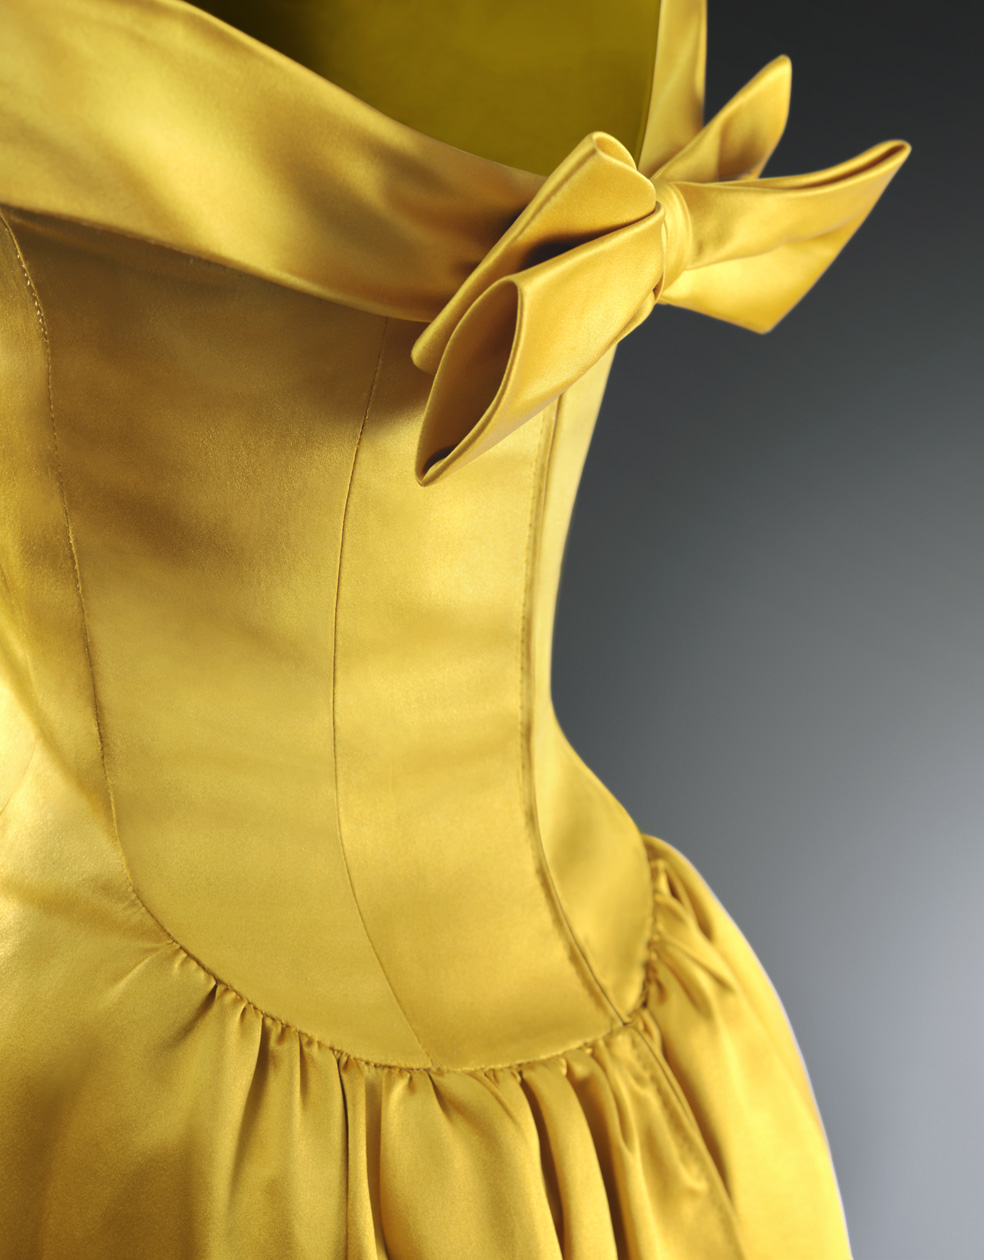 gt; Delitos Y Museo Cambia Trajesgt; Blogs Balenciaga El Faldas De rdxQhstC